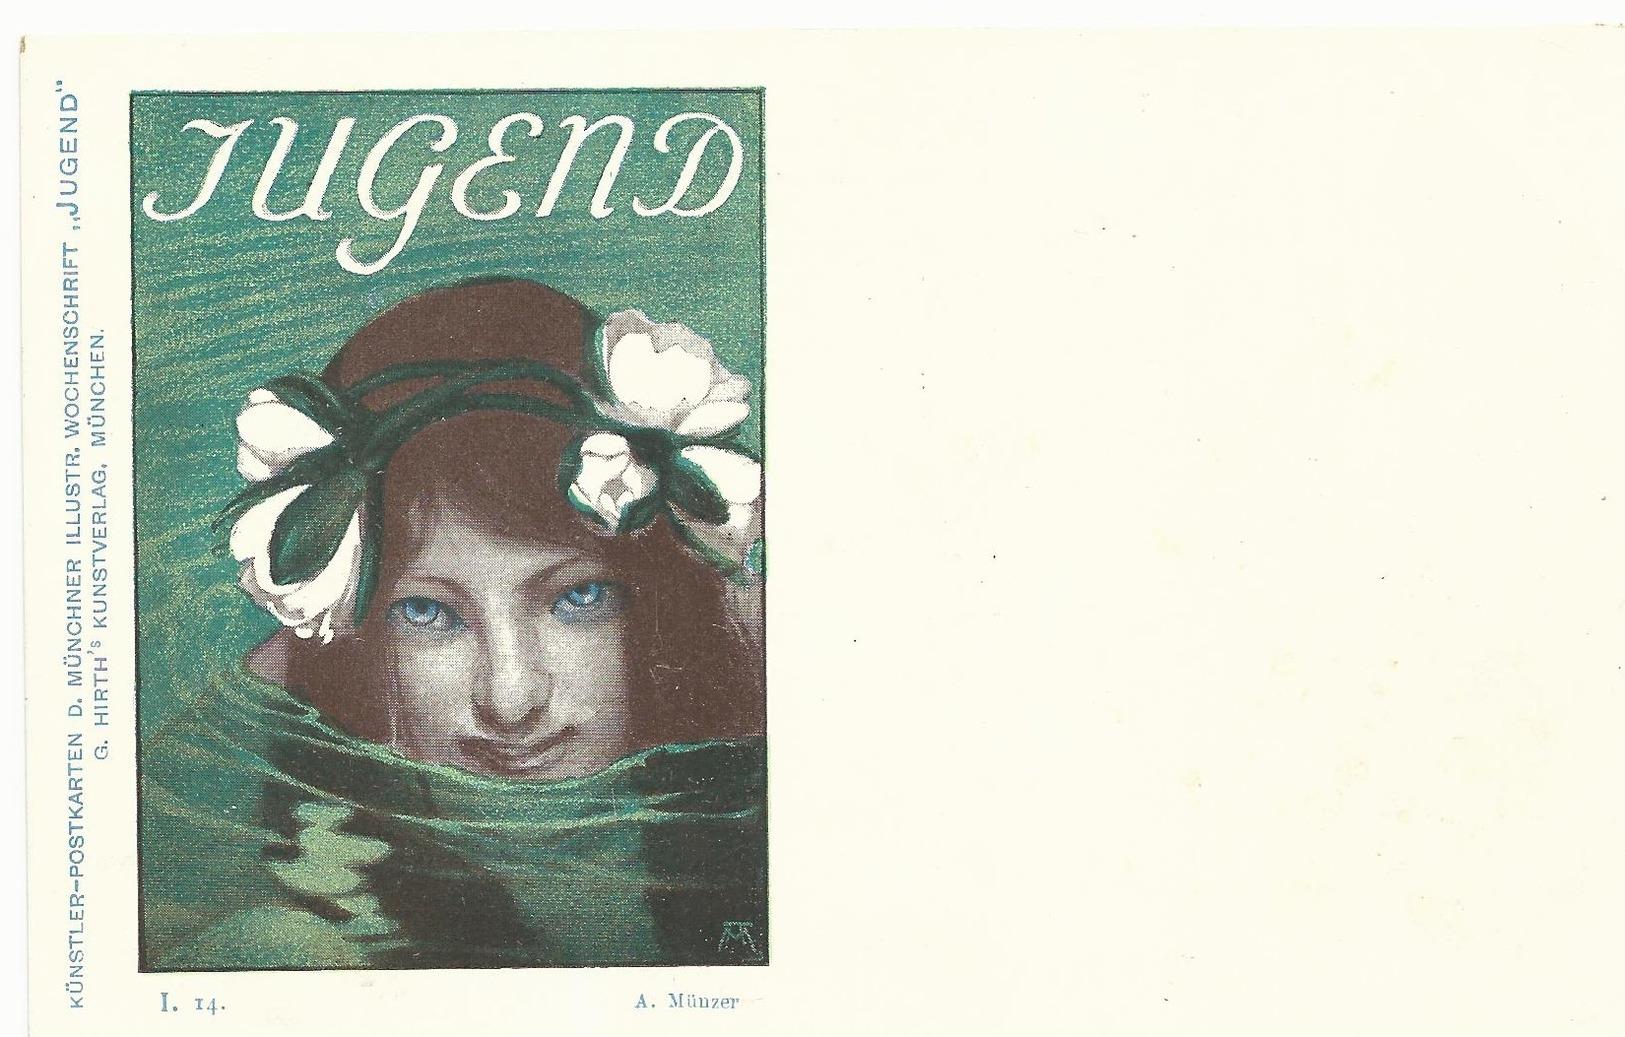 CPA - ART NOUVEAU - ILL. MUNZER- SERIE JUGEND I.24 - NON ECRITE - TBE - Illustrateurs & Photographes